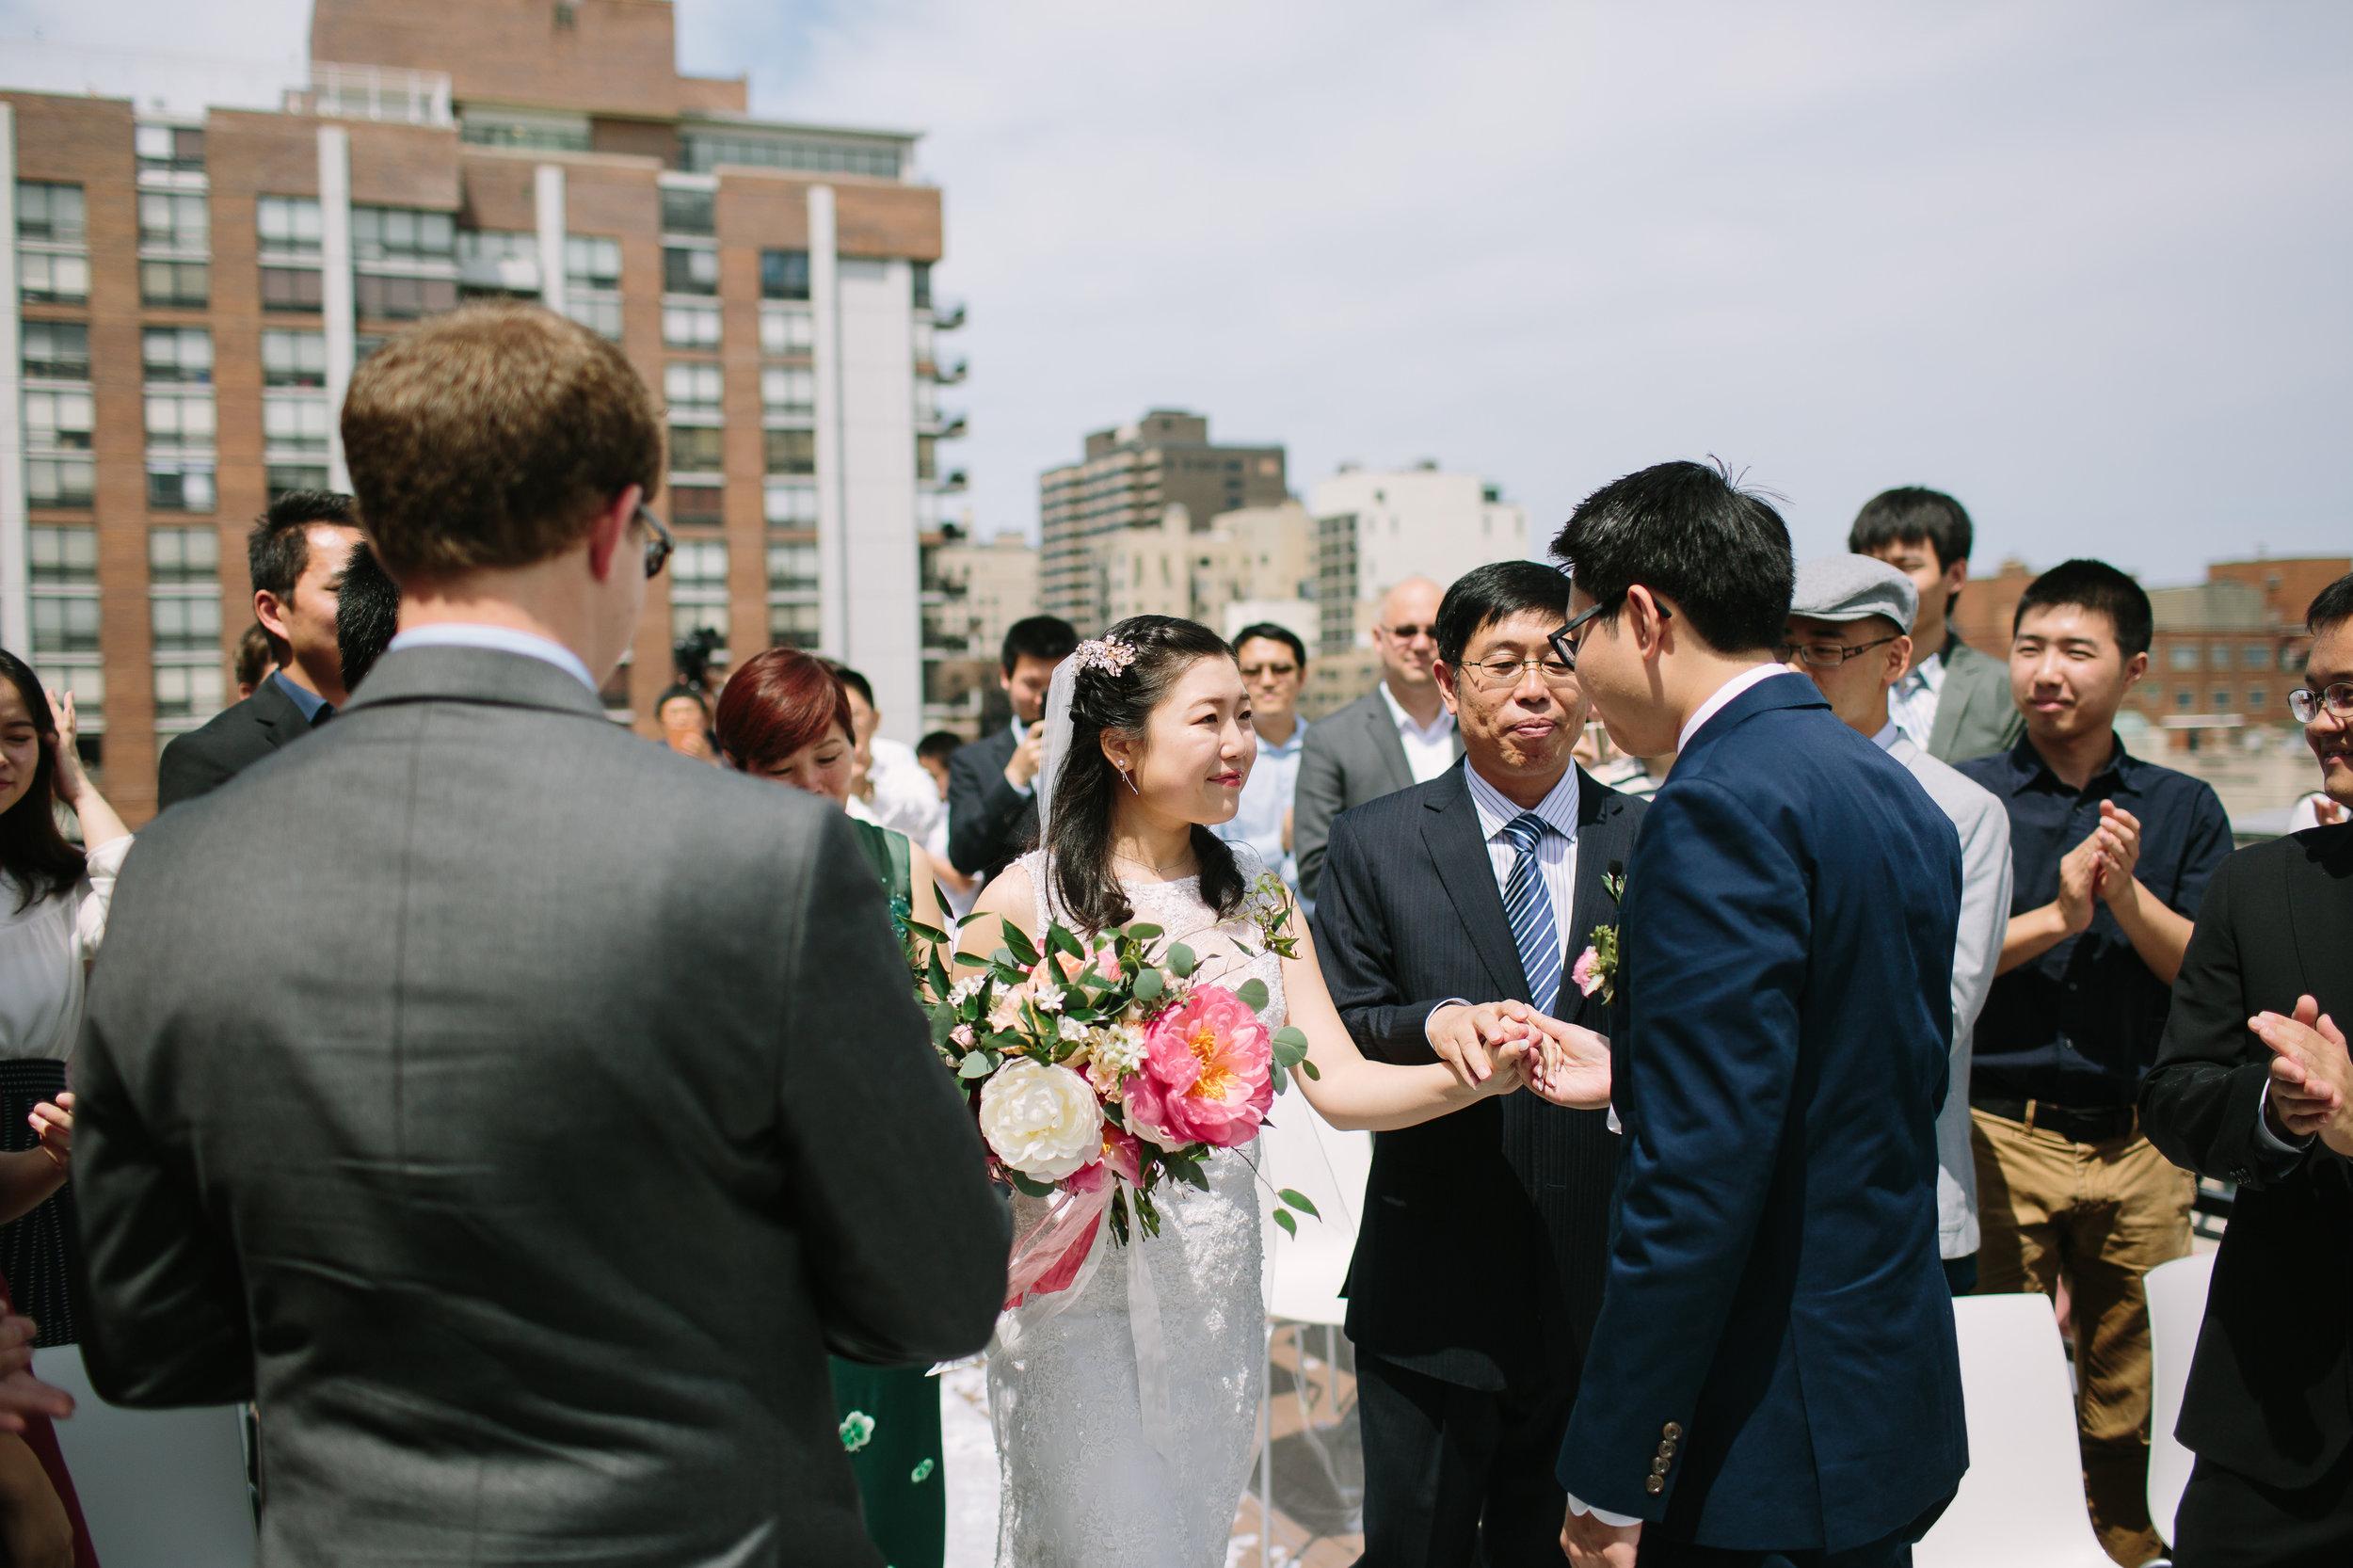 Nicodem Creative-Wang Wedding-Public Hotel Chicago-20.jpg